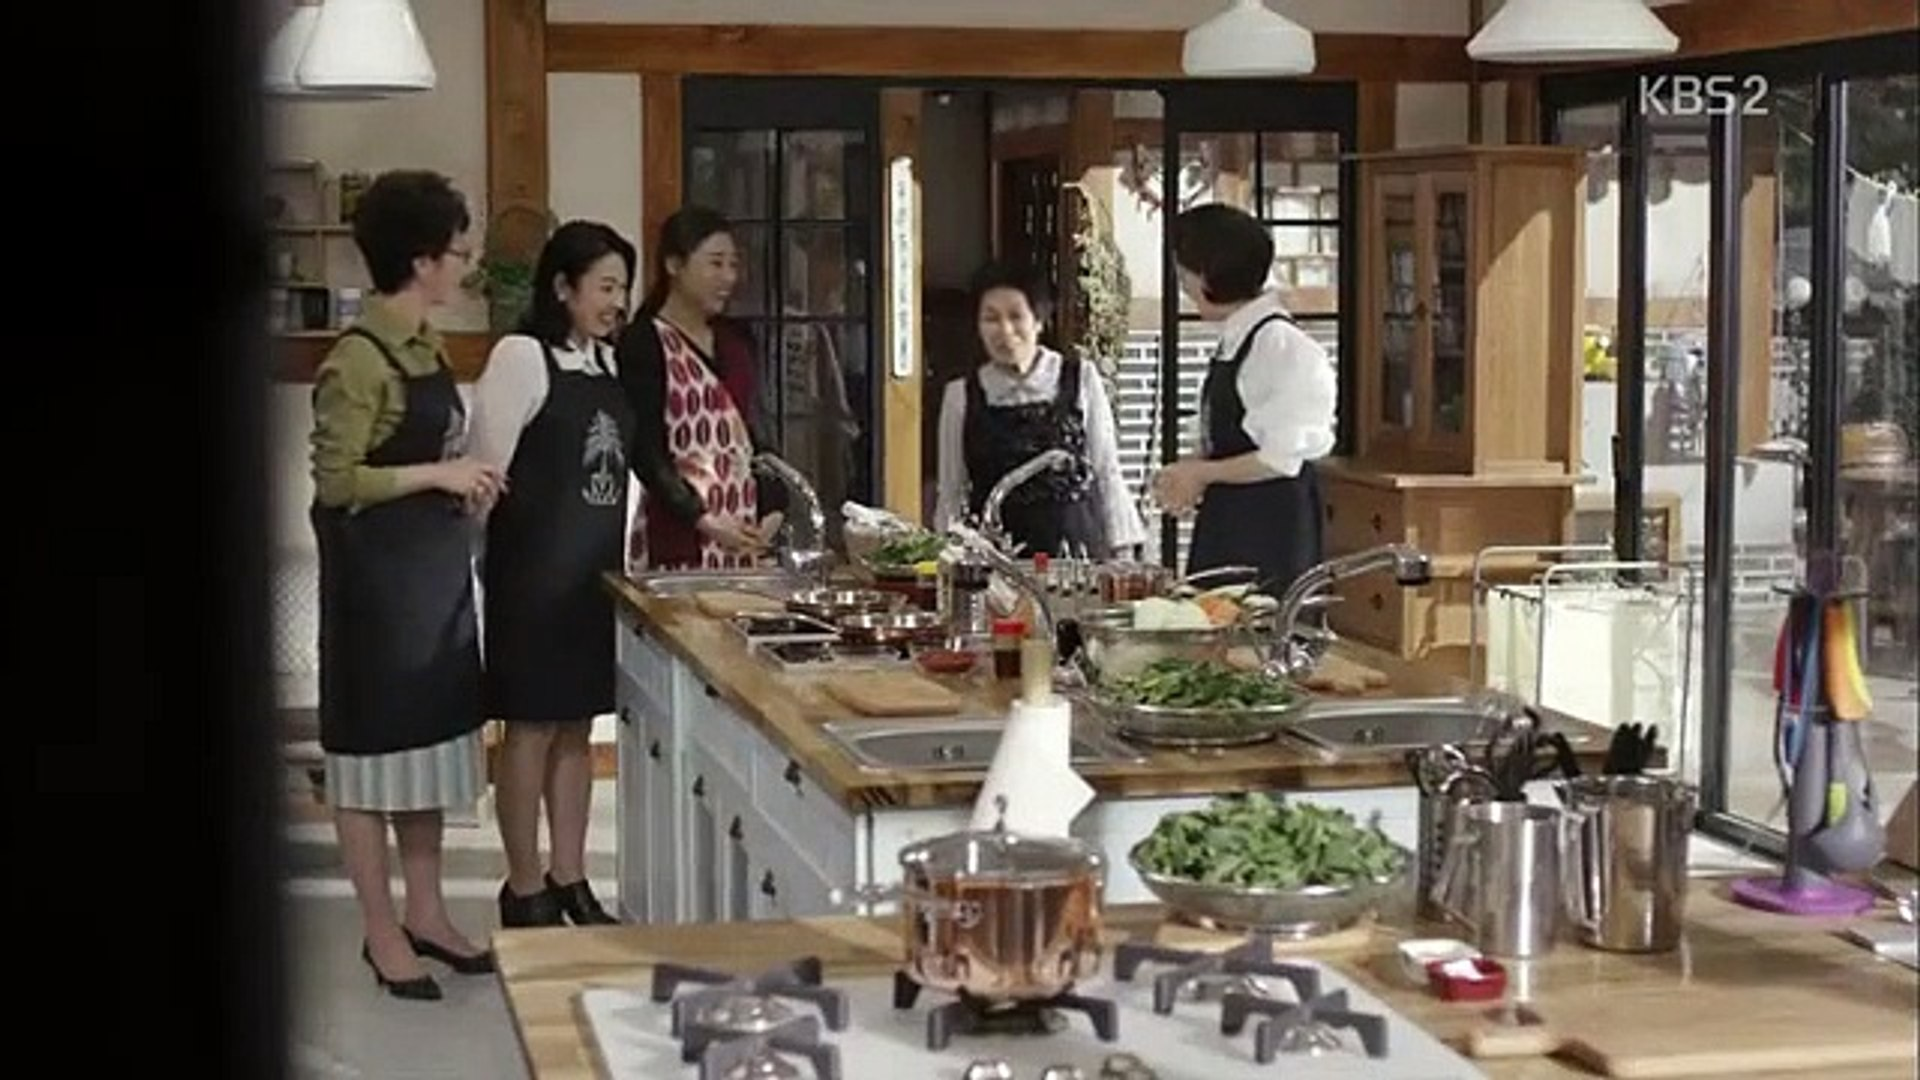 Nhà Không Cần Đàn Ông Tập 18 - HTV2 Lồng Tiếng - Phim Hàn Quốc - Phim nha khong can dan ong tap 19 -